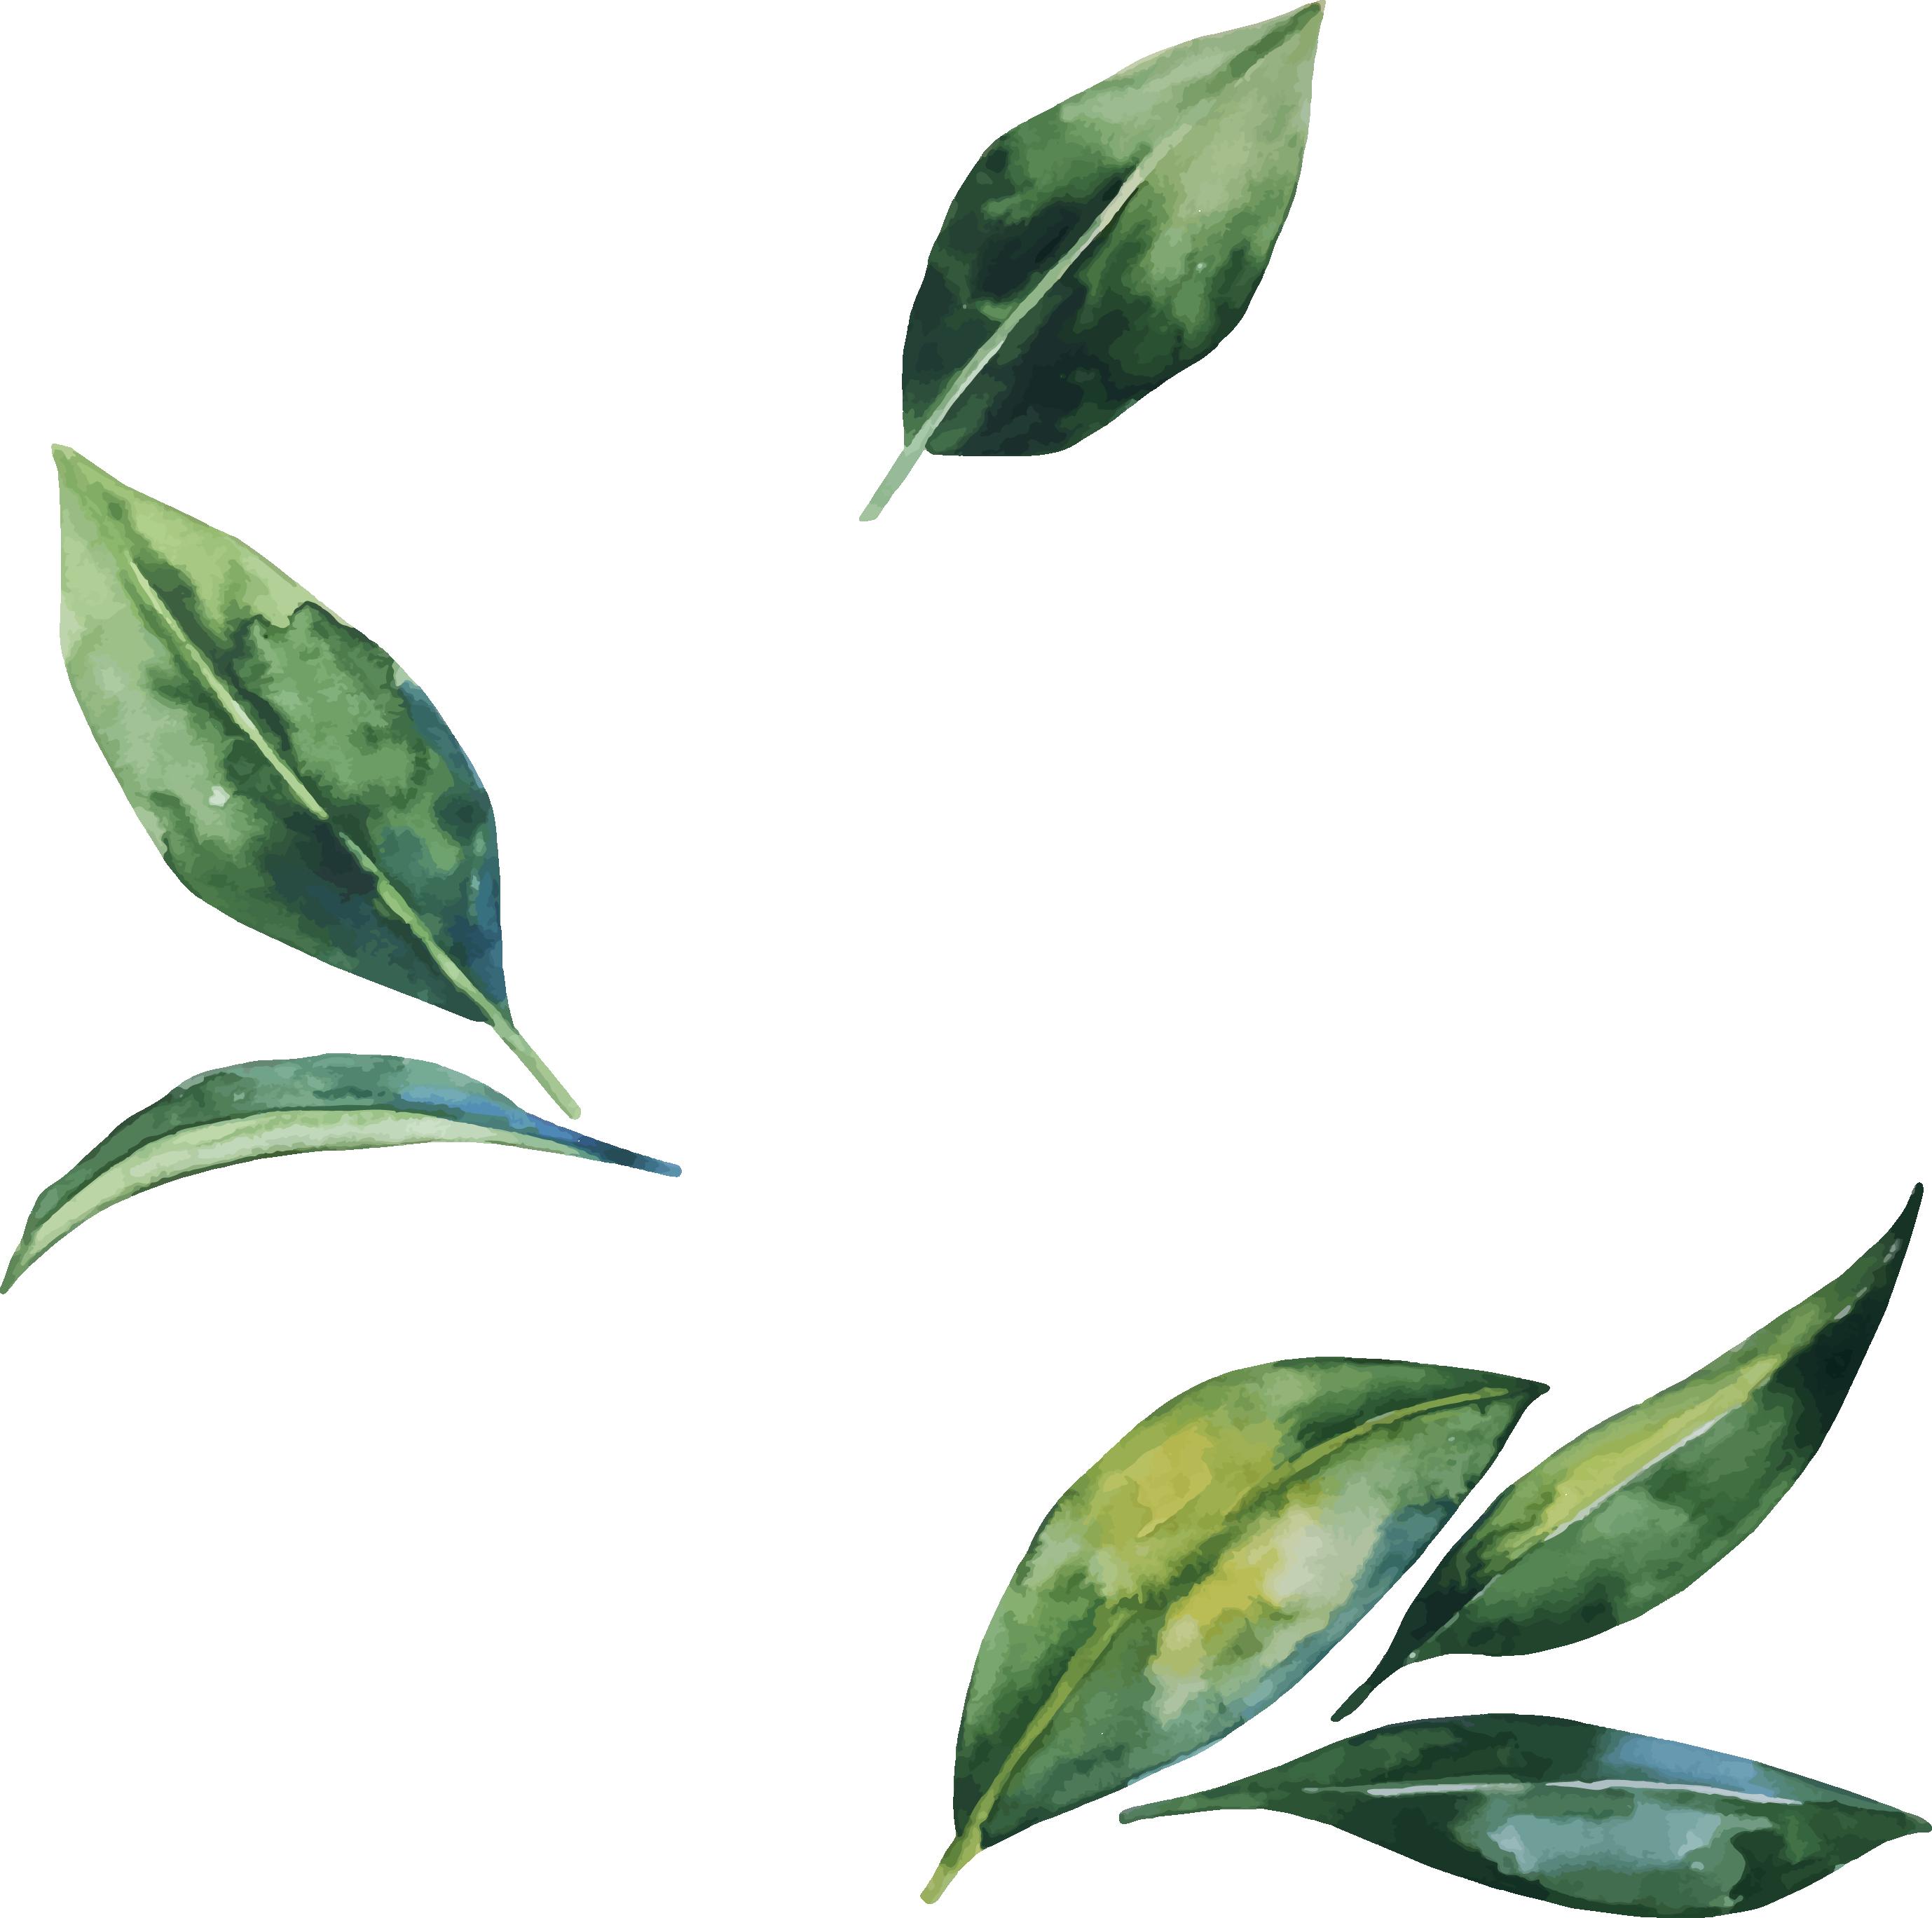 Flower Leaf Leaves Illustration Watercolor Hand Painted Leaves Illustration Banana Leaves Watercolor Watercolor Leaves